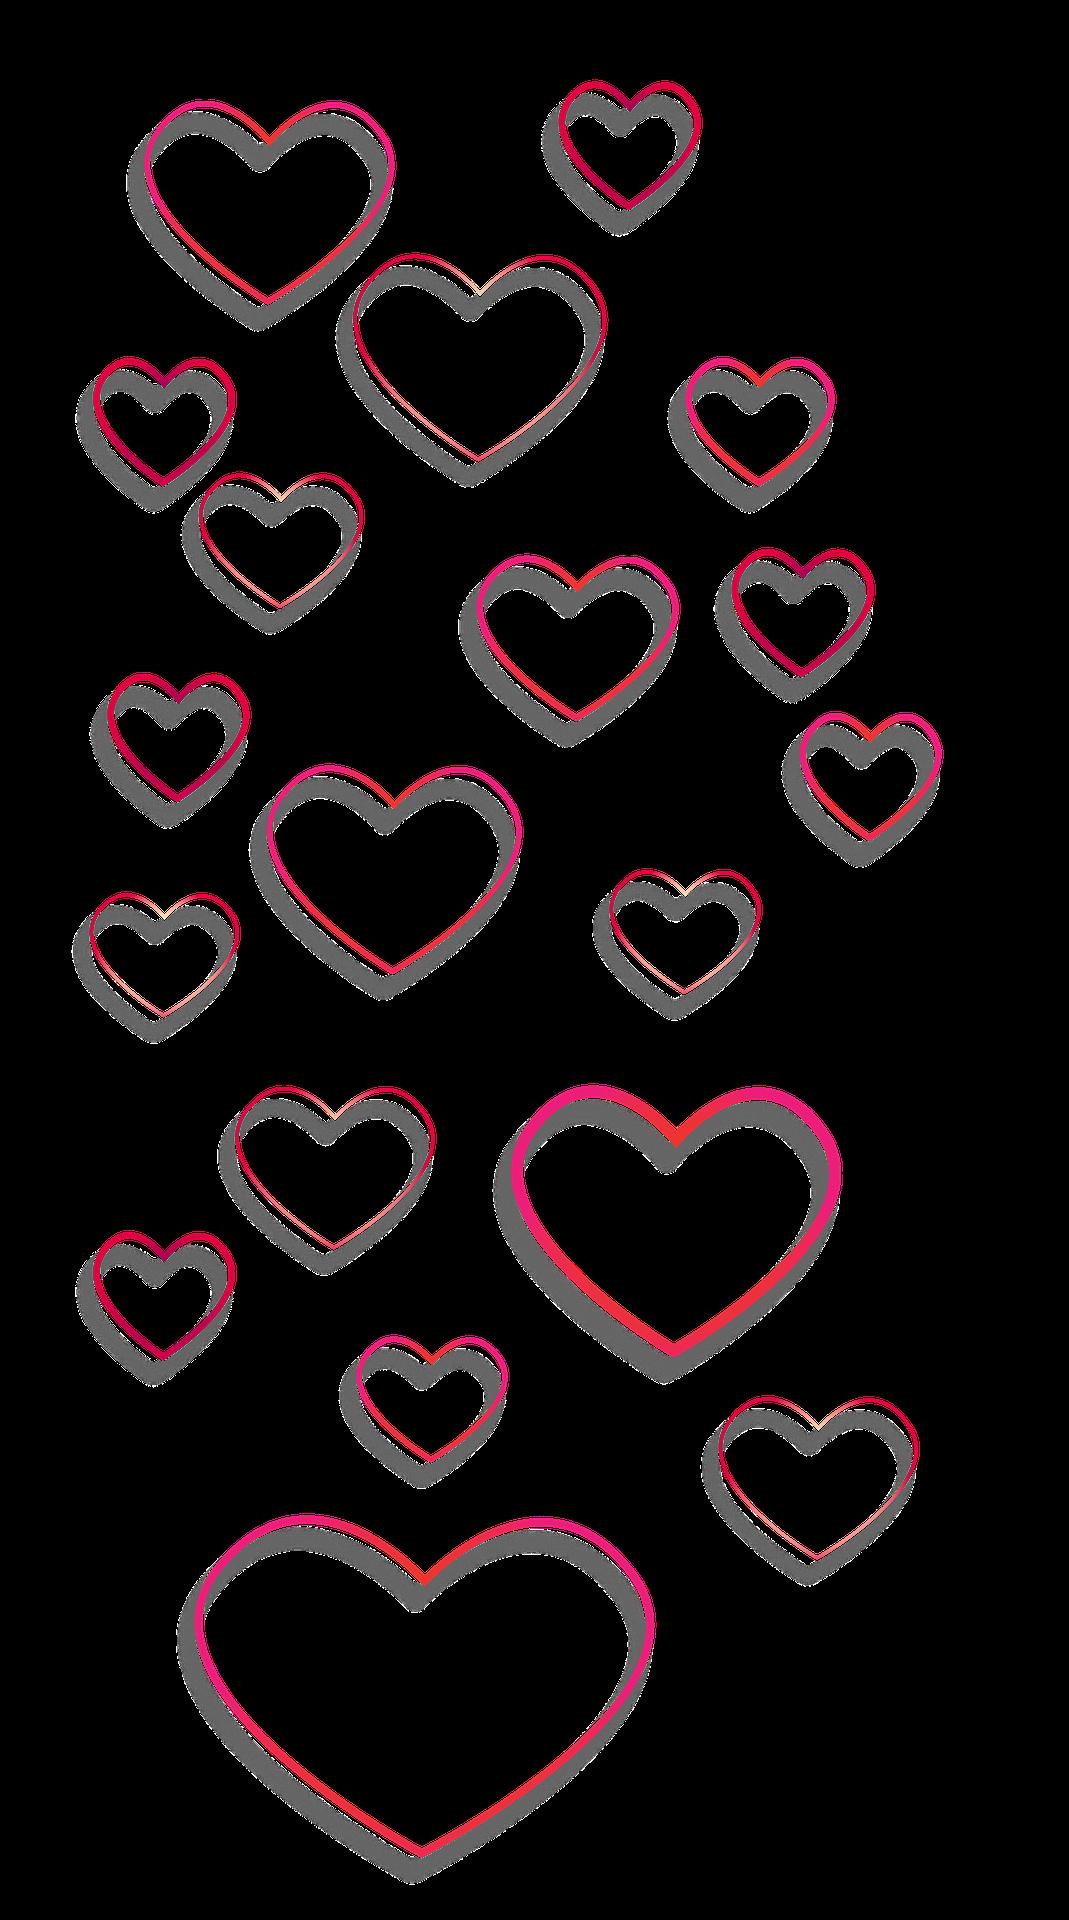 Walentynki Czyli Dzień Zakochanych Na Blogpromypl